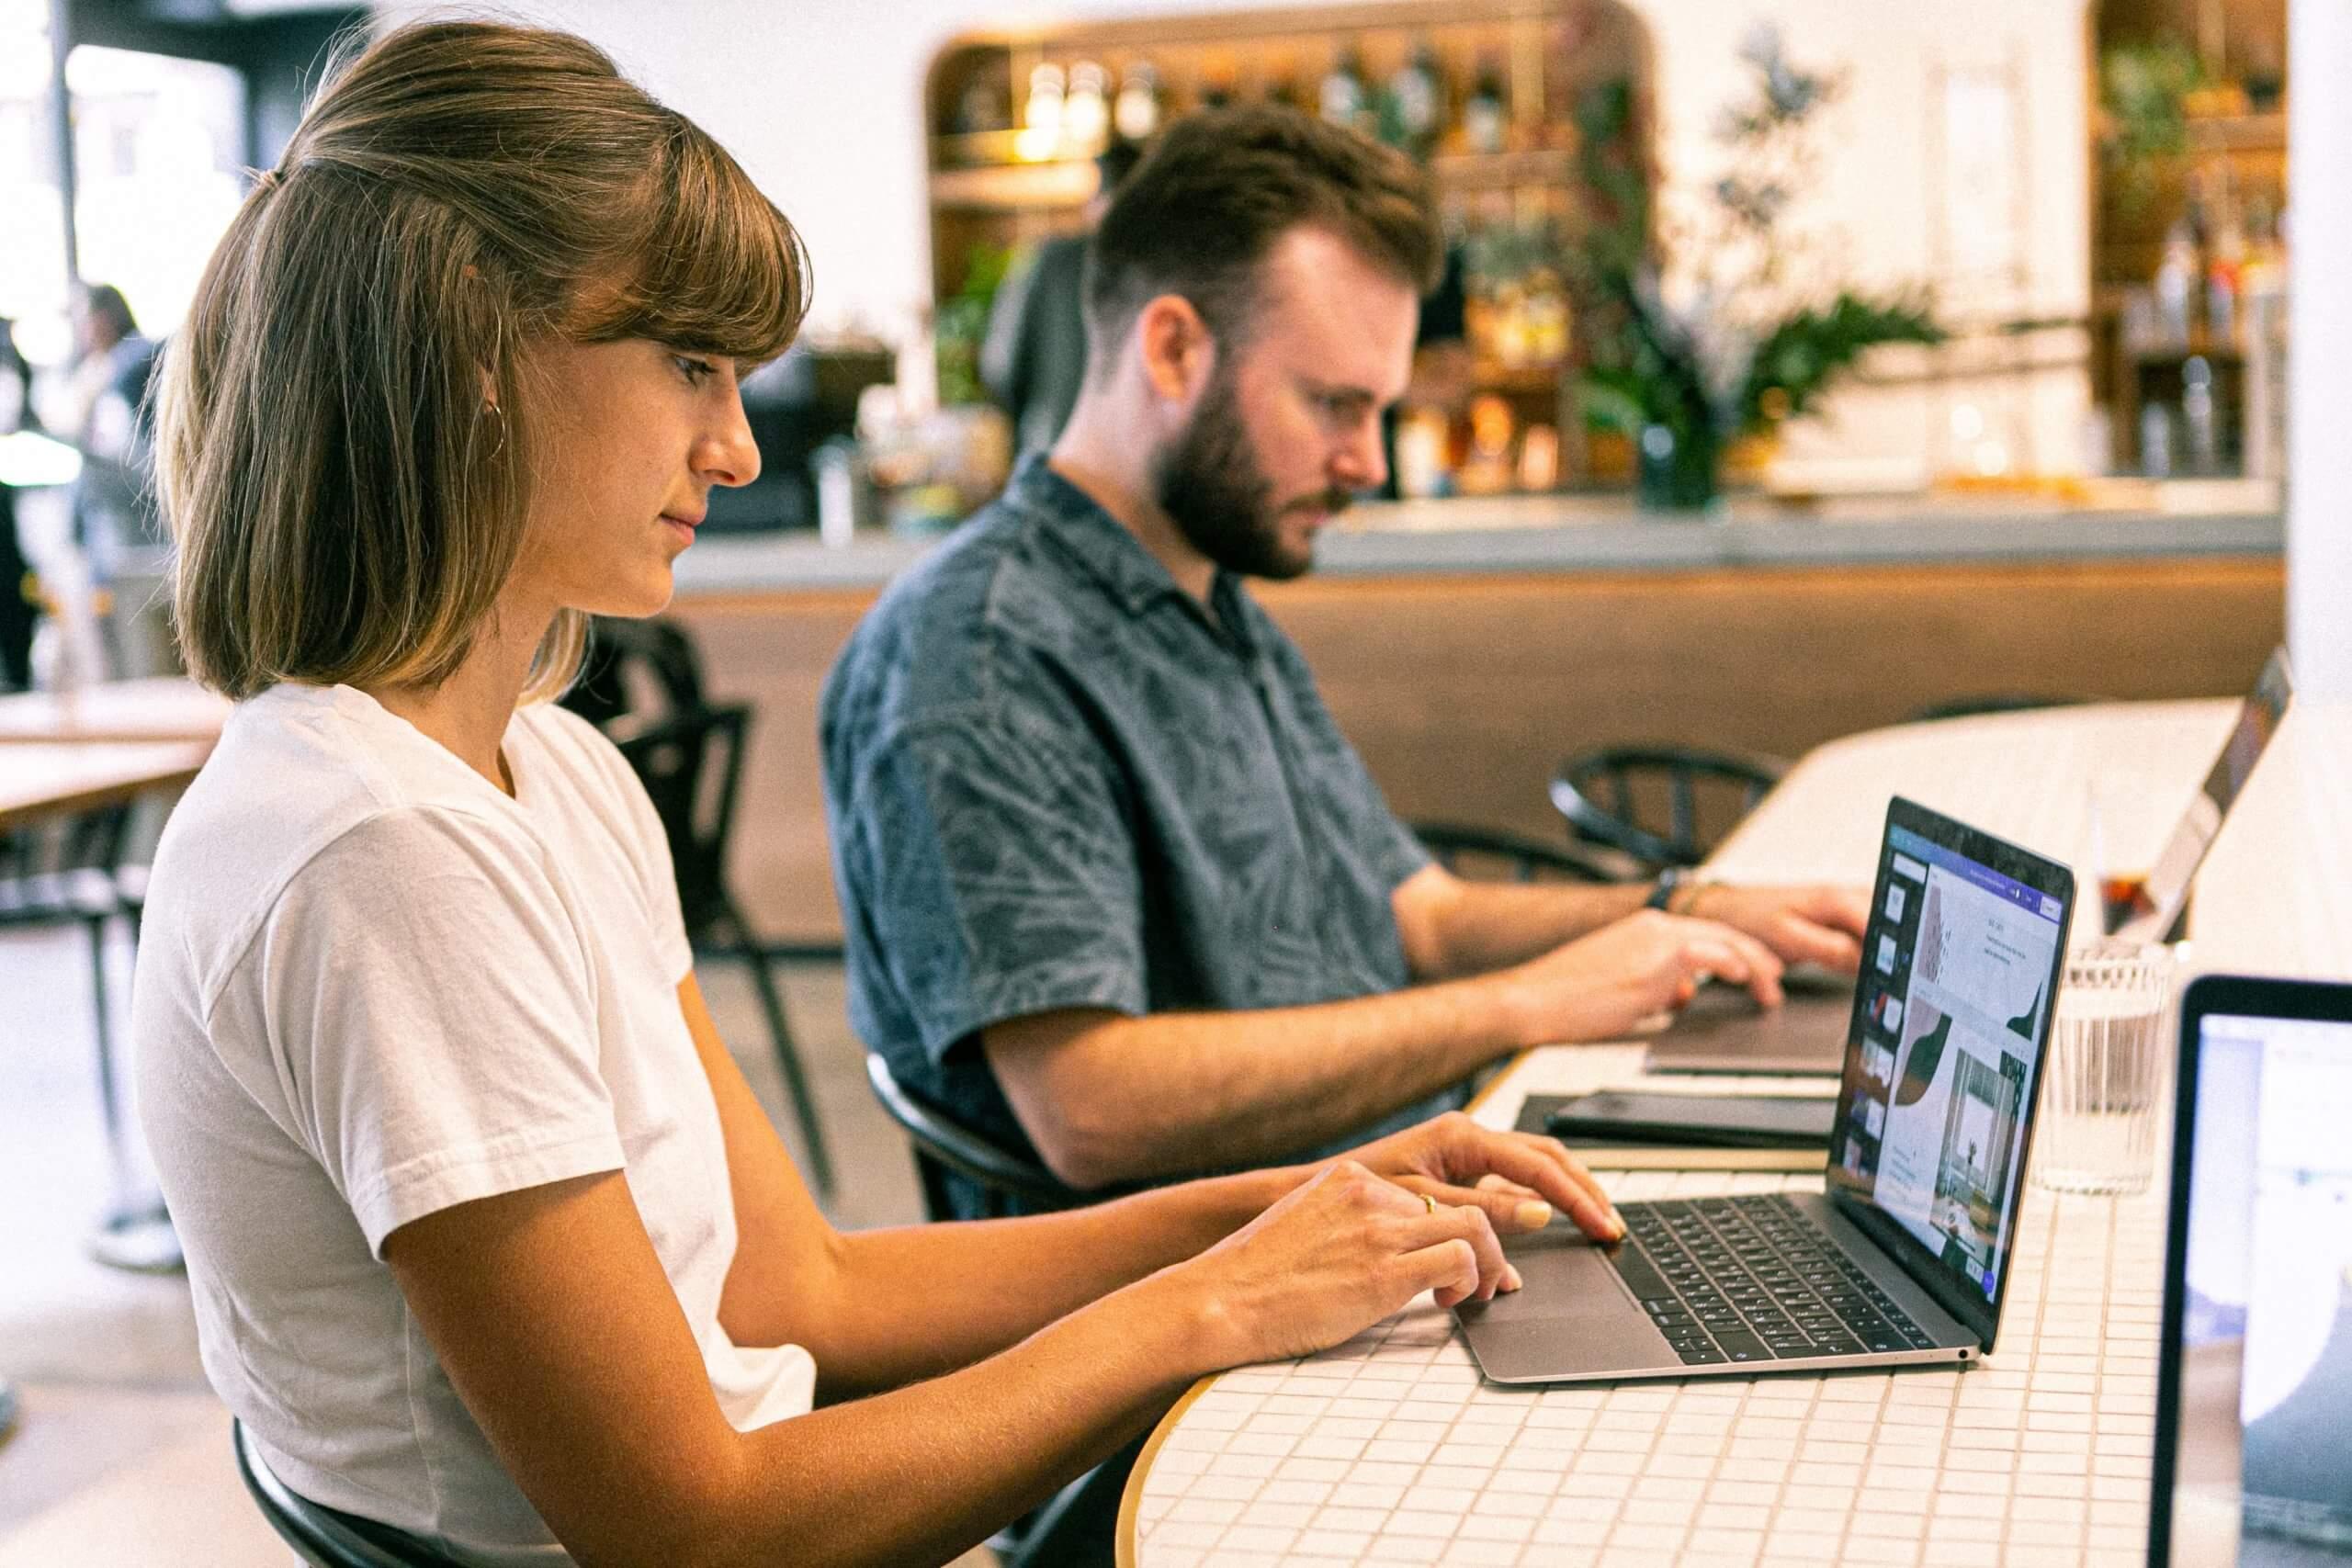 Cubos Web es una agencia creativa que diseña estrategias de marketing complejas y únicas.